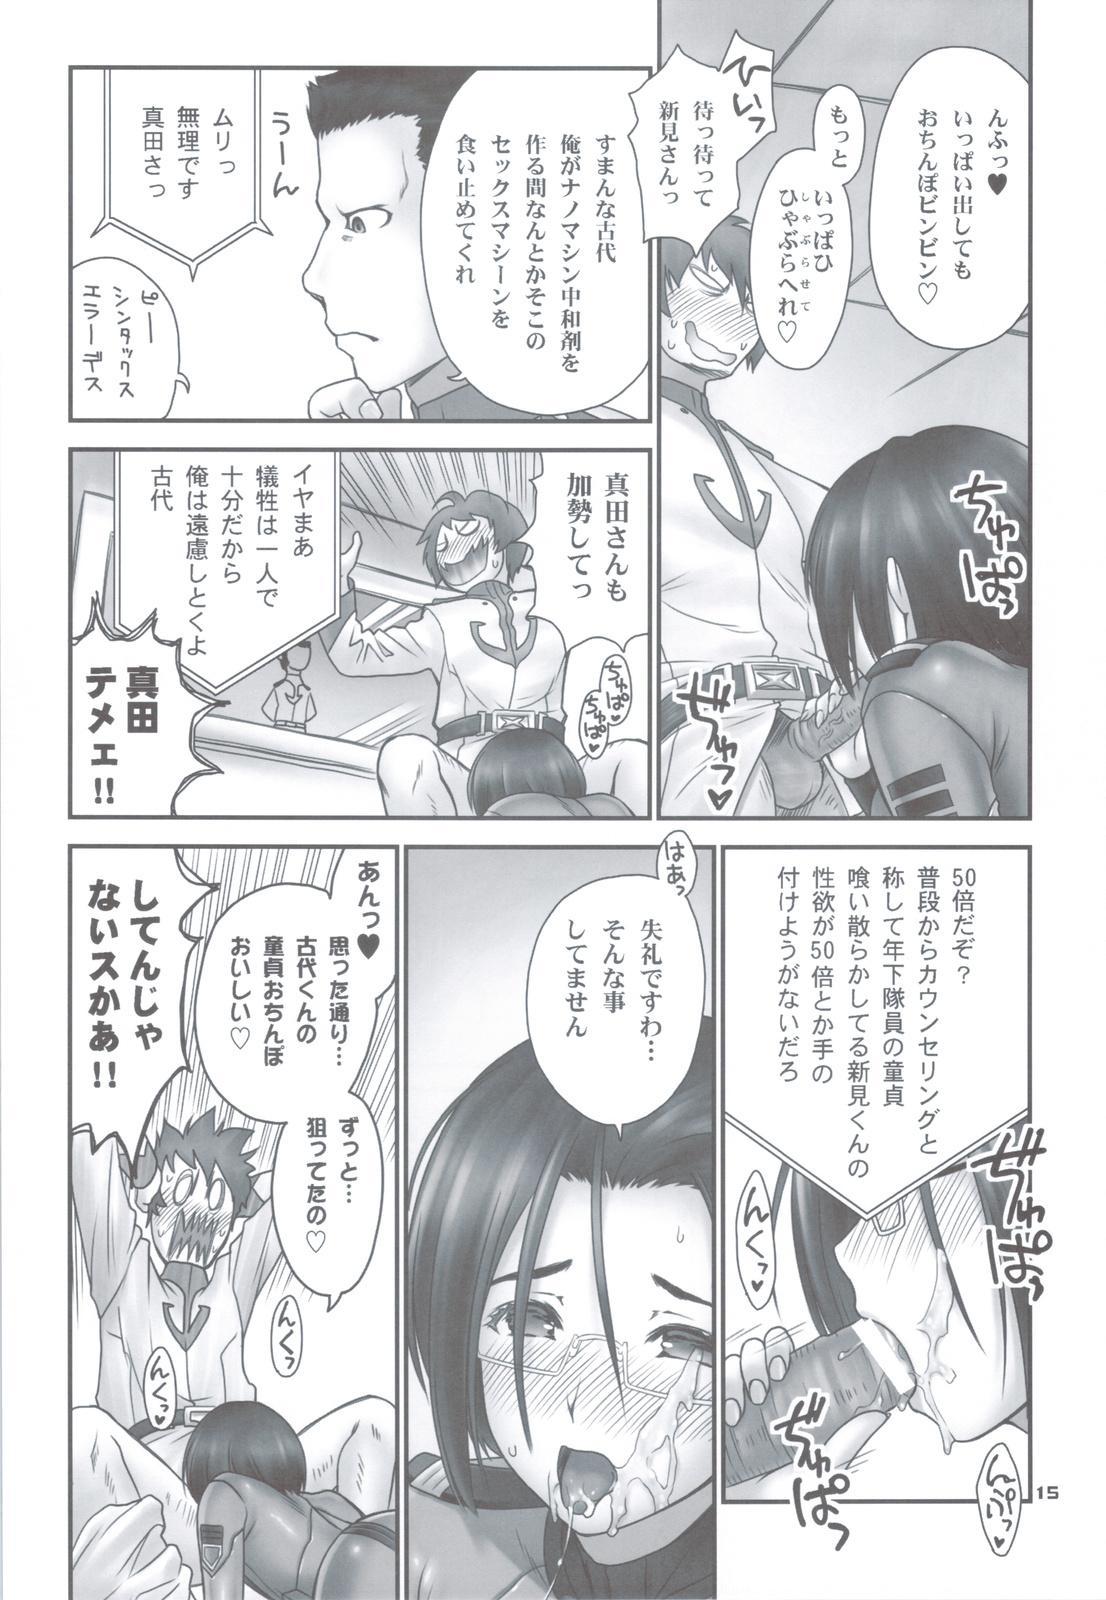 Kannaifuku ga Ki ni Natte Shikata ga Nai 2199 + Omake Bon 13